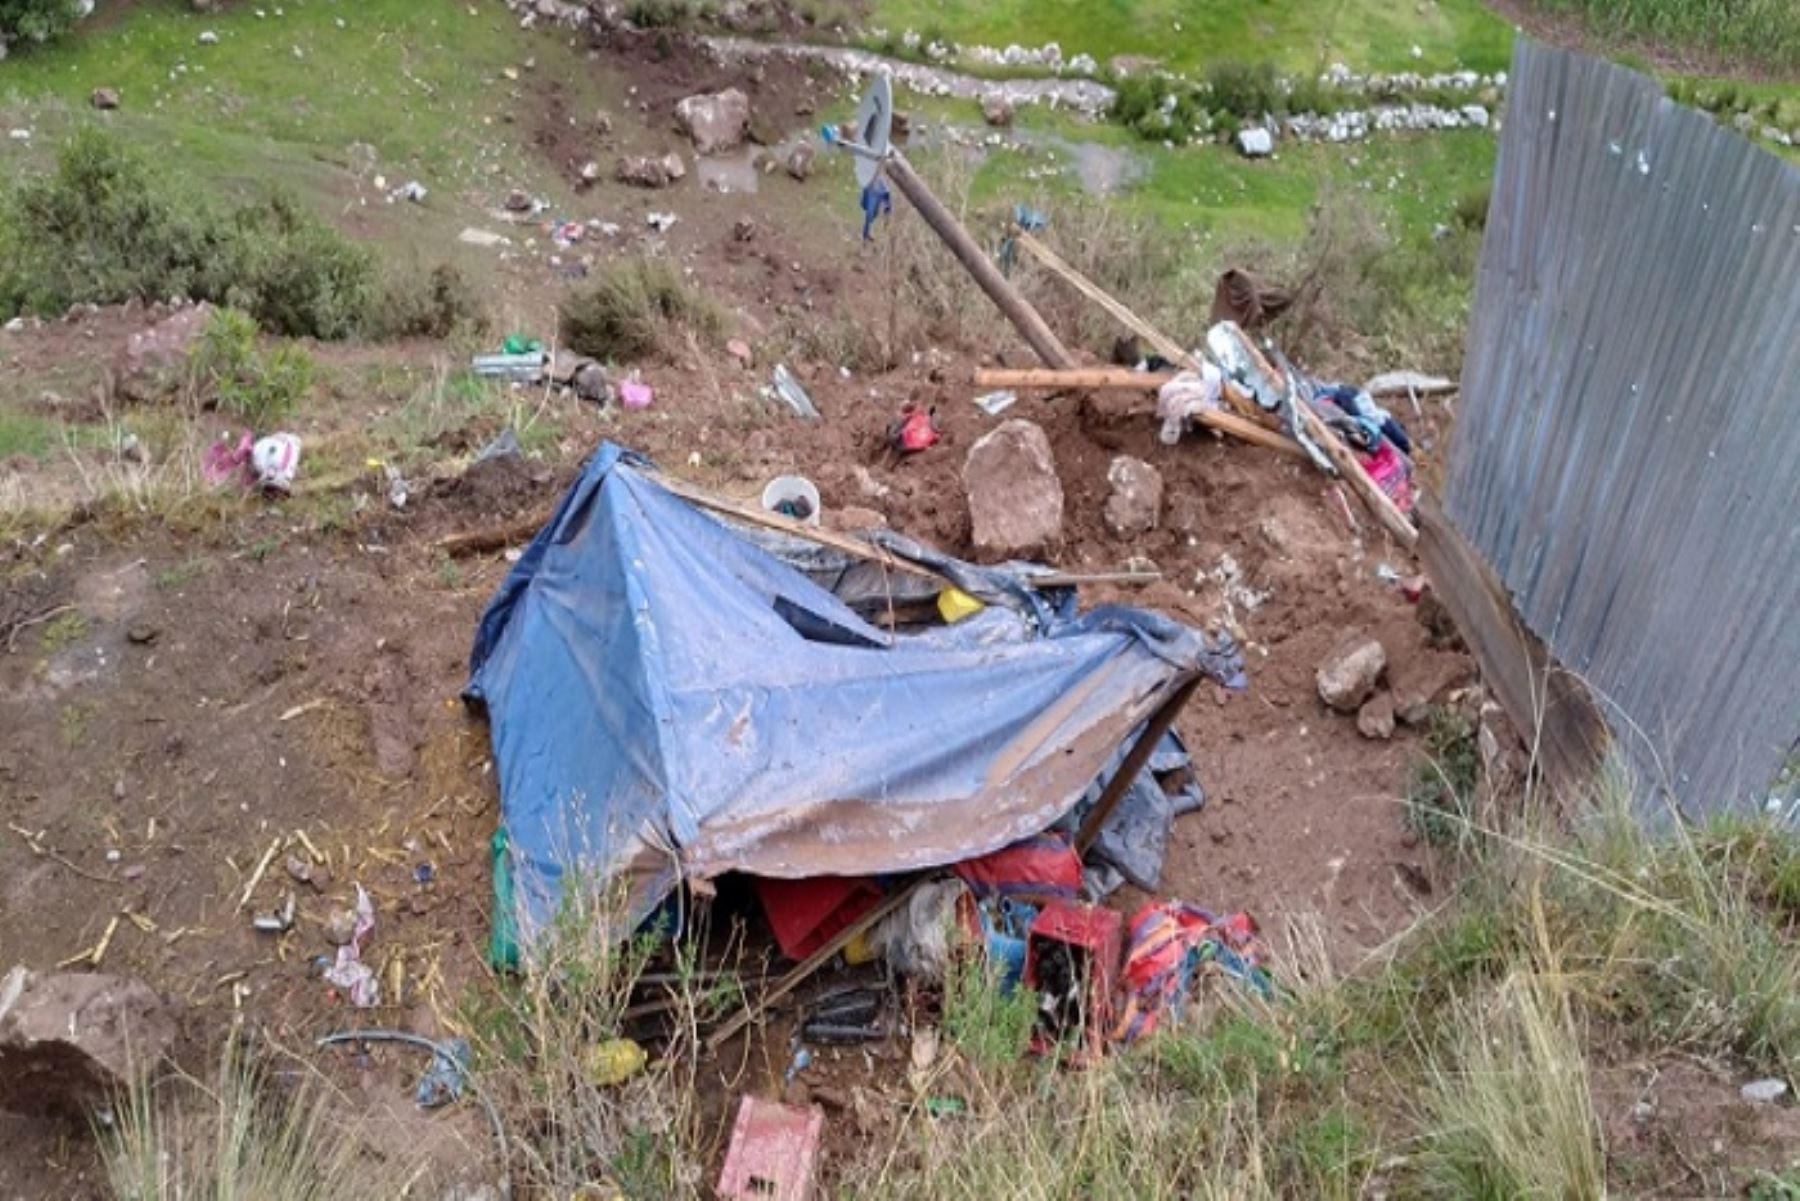 El agricultor Fredy Quispe Orue (35), su esposa Florencia Saire Ayma (33) y sus tres menores hijos afortunadamente salvaron, pero  no sus animales domésticos y artefactos.